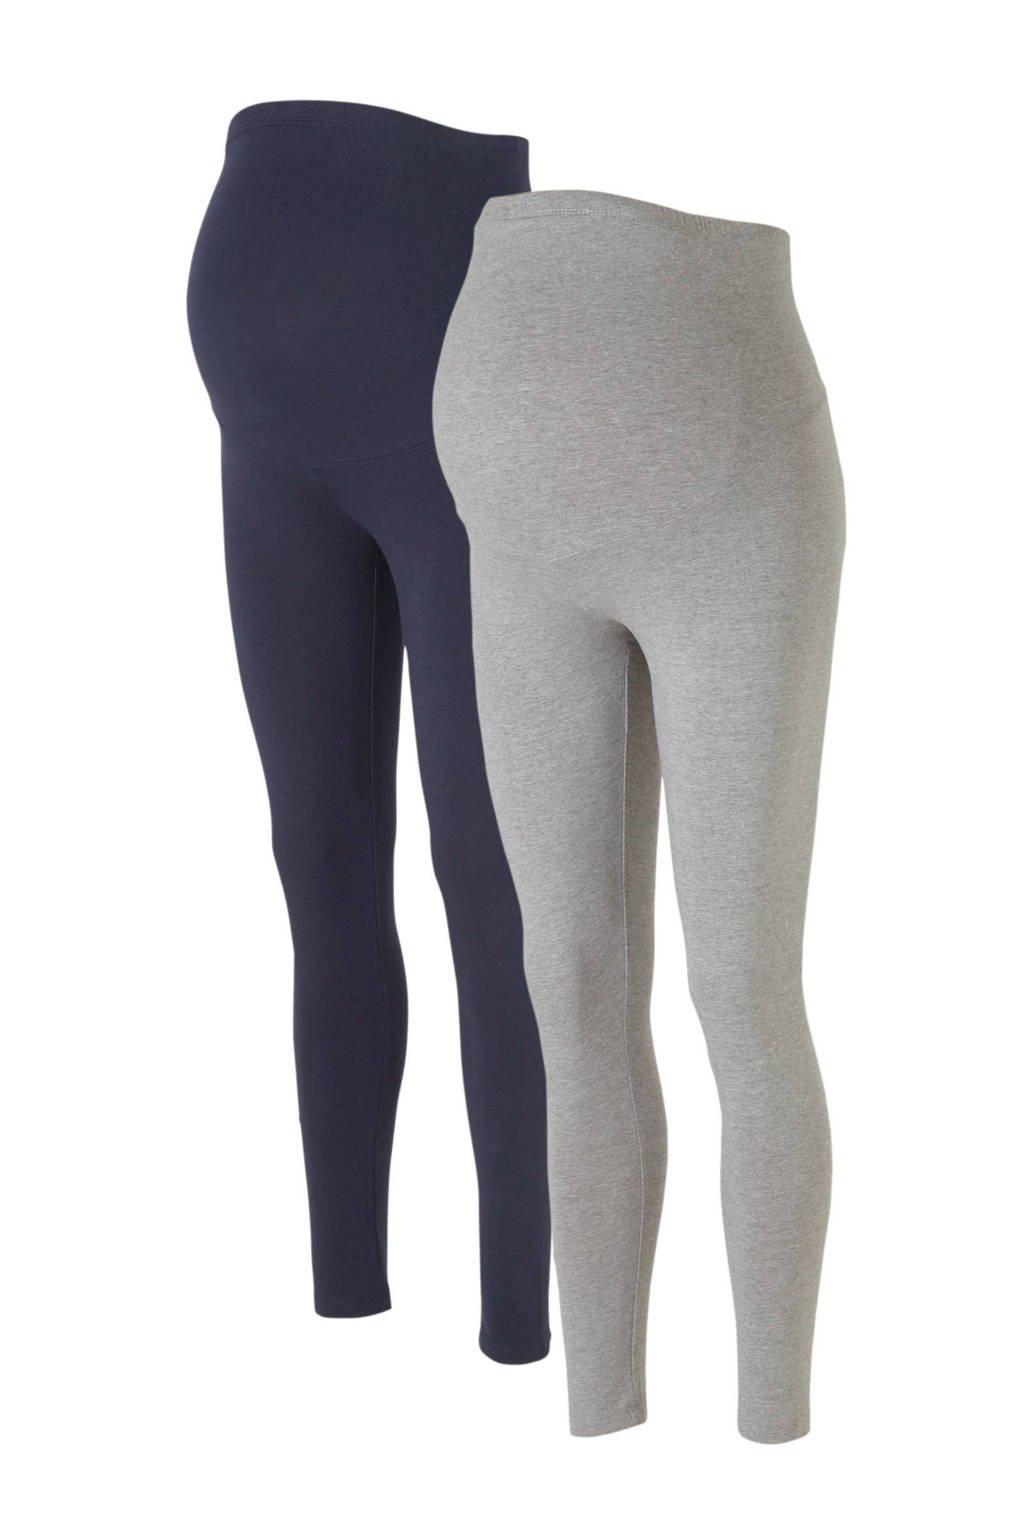 C&A Positiemode legging donkerblauw/grijs - set van 2, Donkerblauw